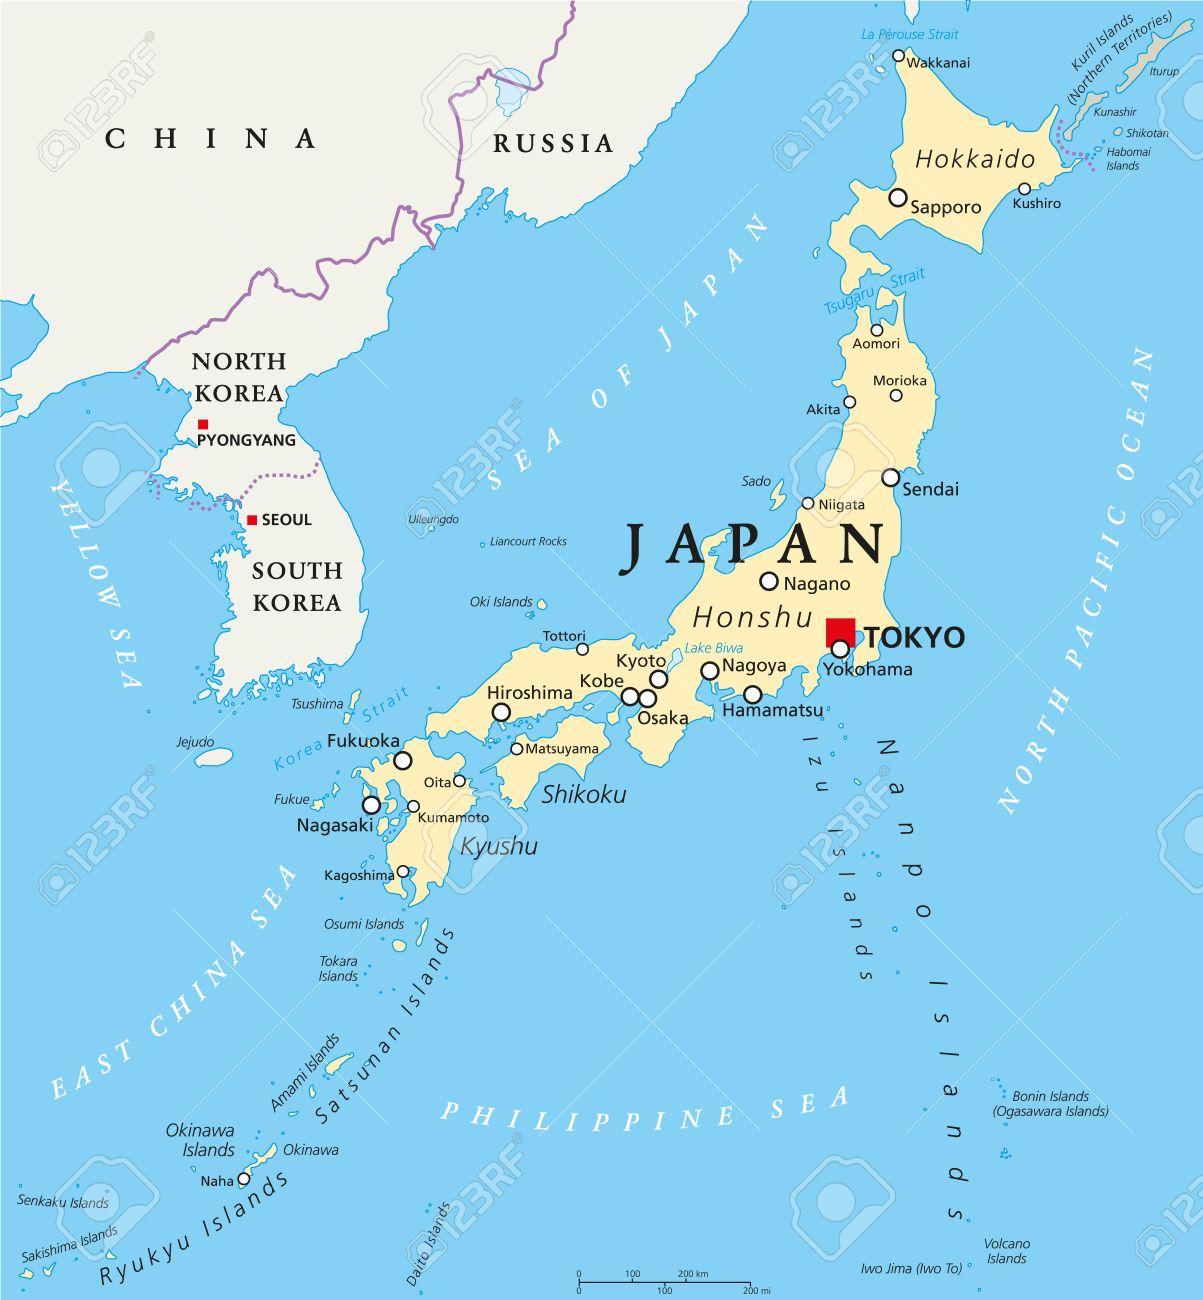 Mapa De Japon Ciudades.Mapa Politico De Japon Con El Capital Tokio Las Fronteras Nacionales Y Ciudades Importantes Ingles Etiquetado Y Descamacion Ilustracion